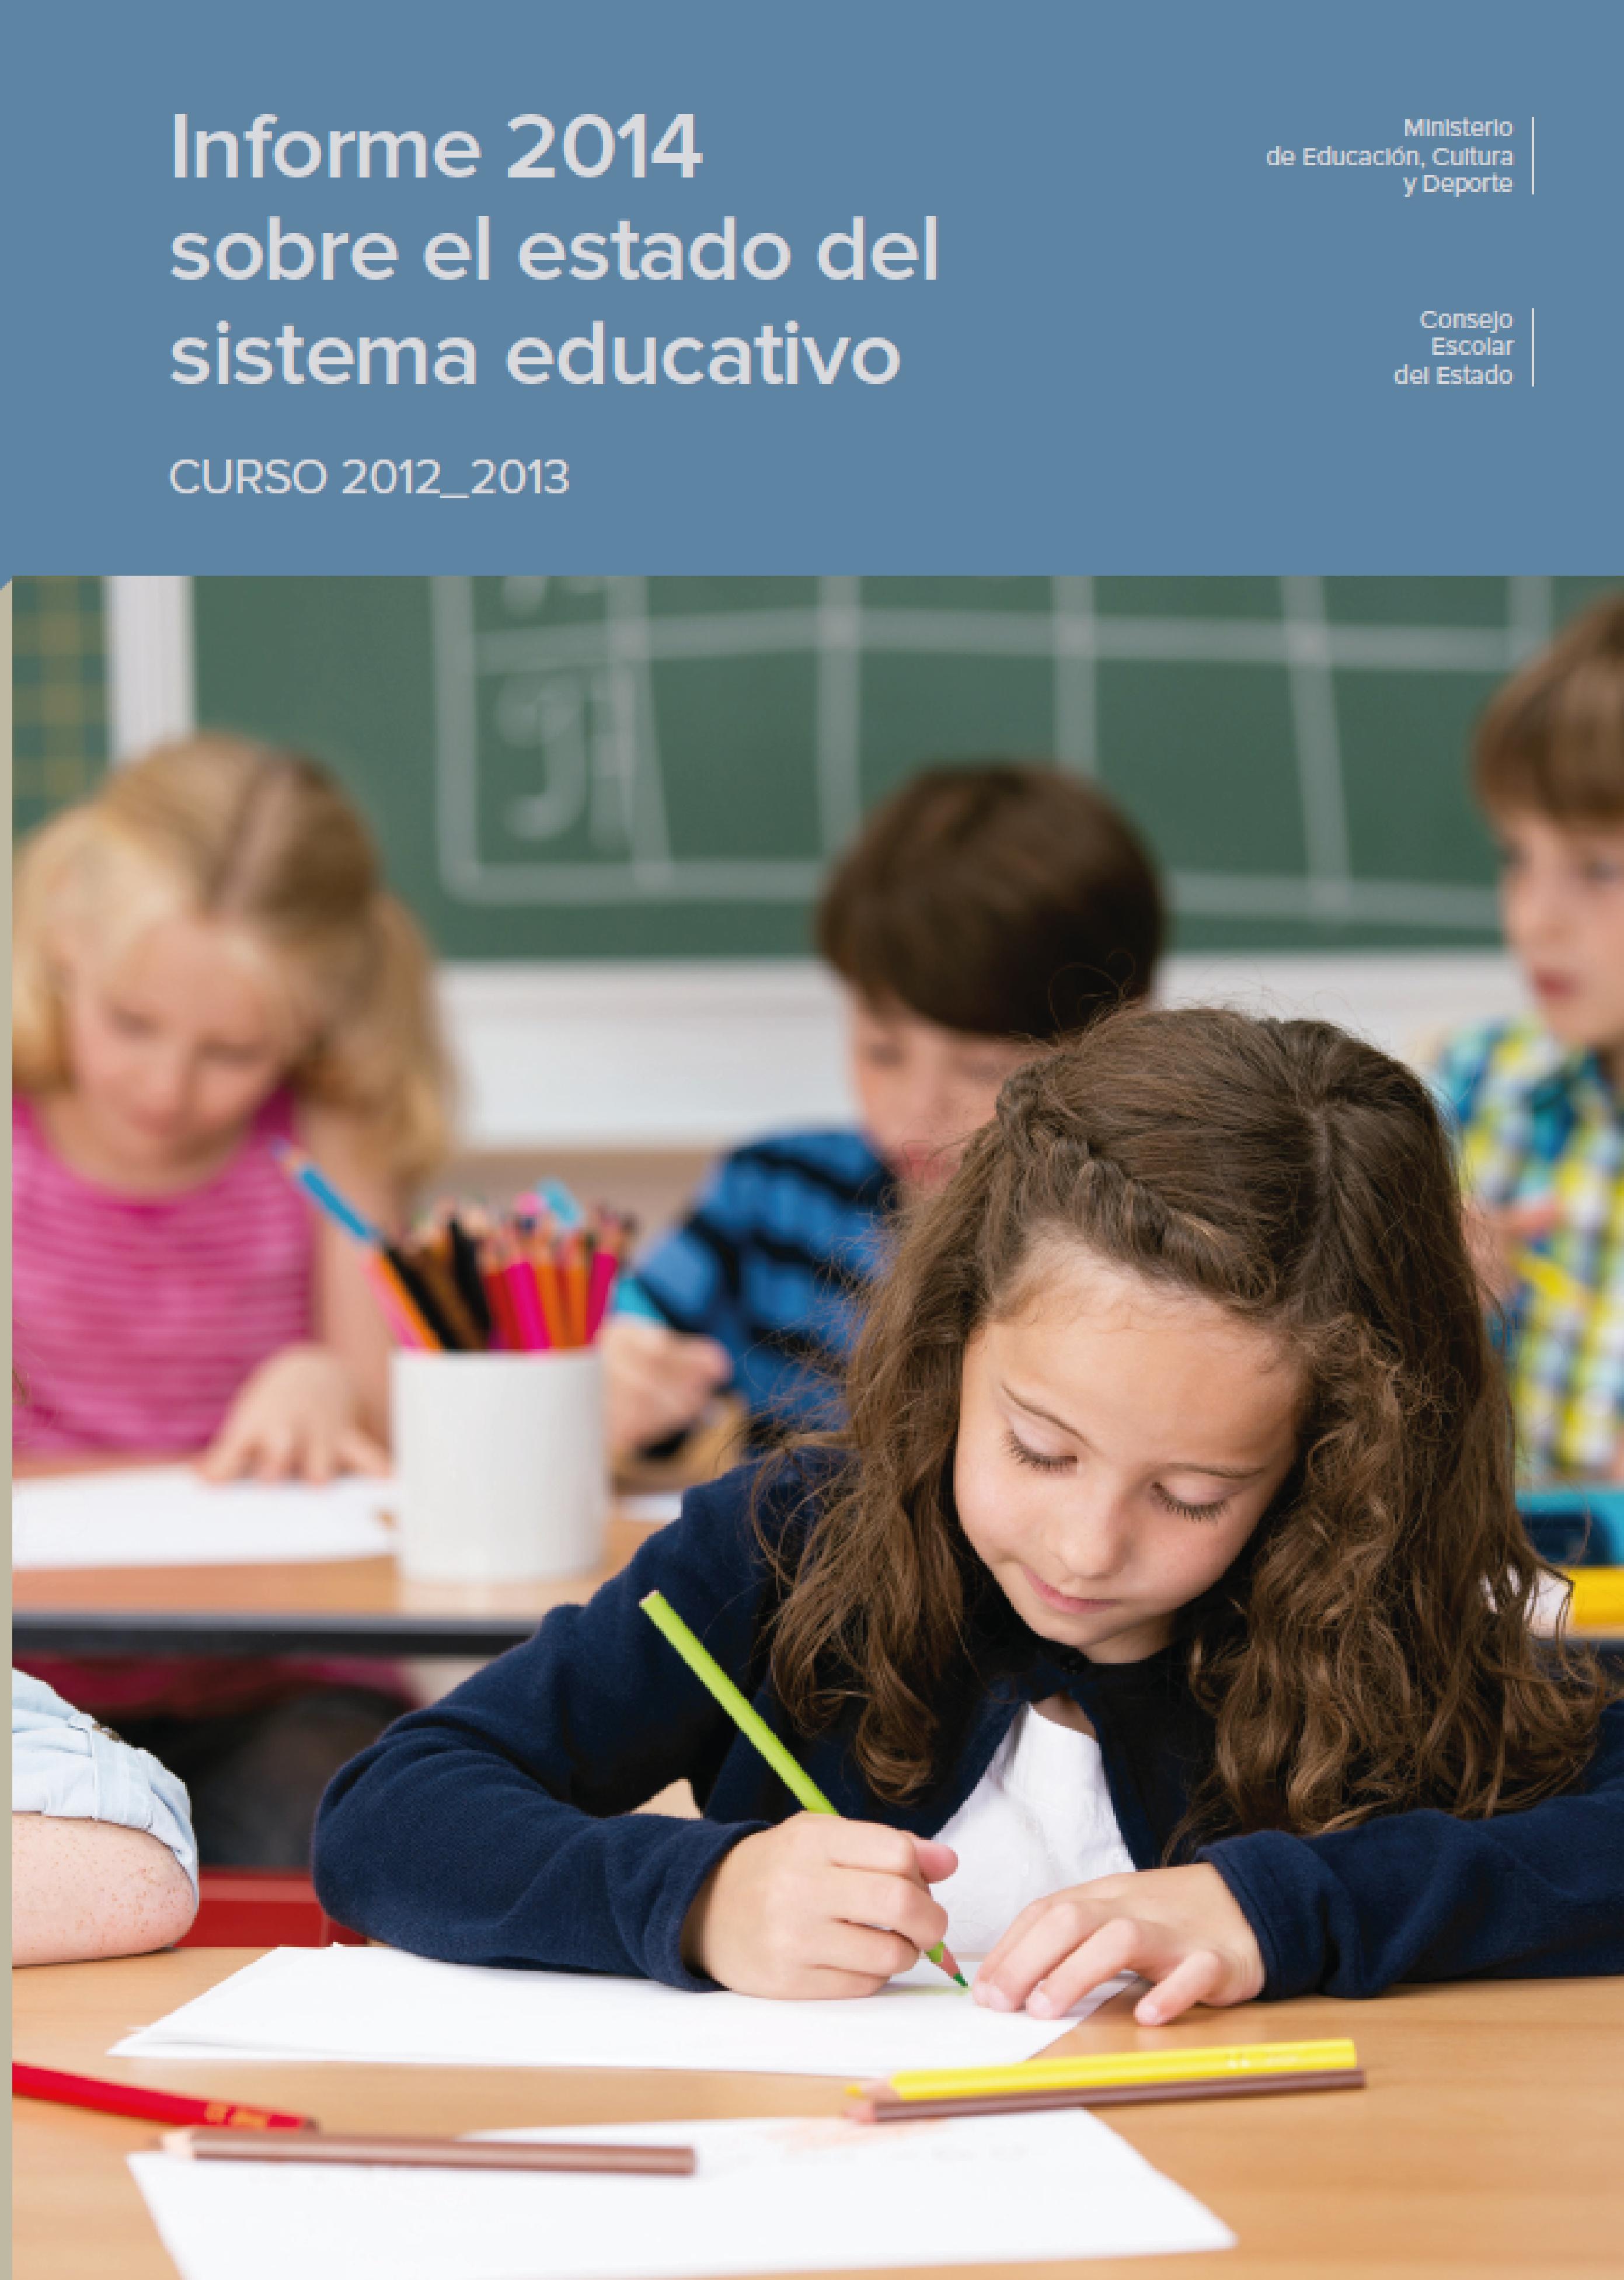 Informe 2014 sobre el estado del sistema educativo. Curso 2012/2013